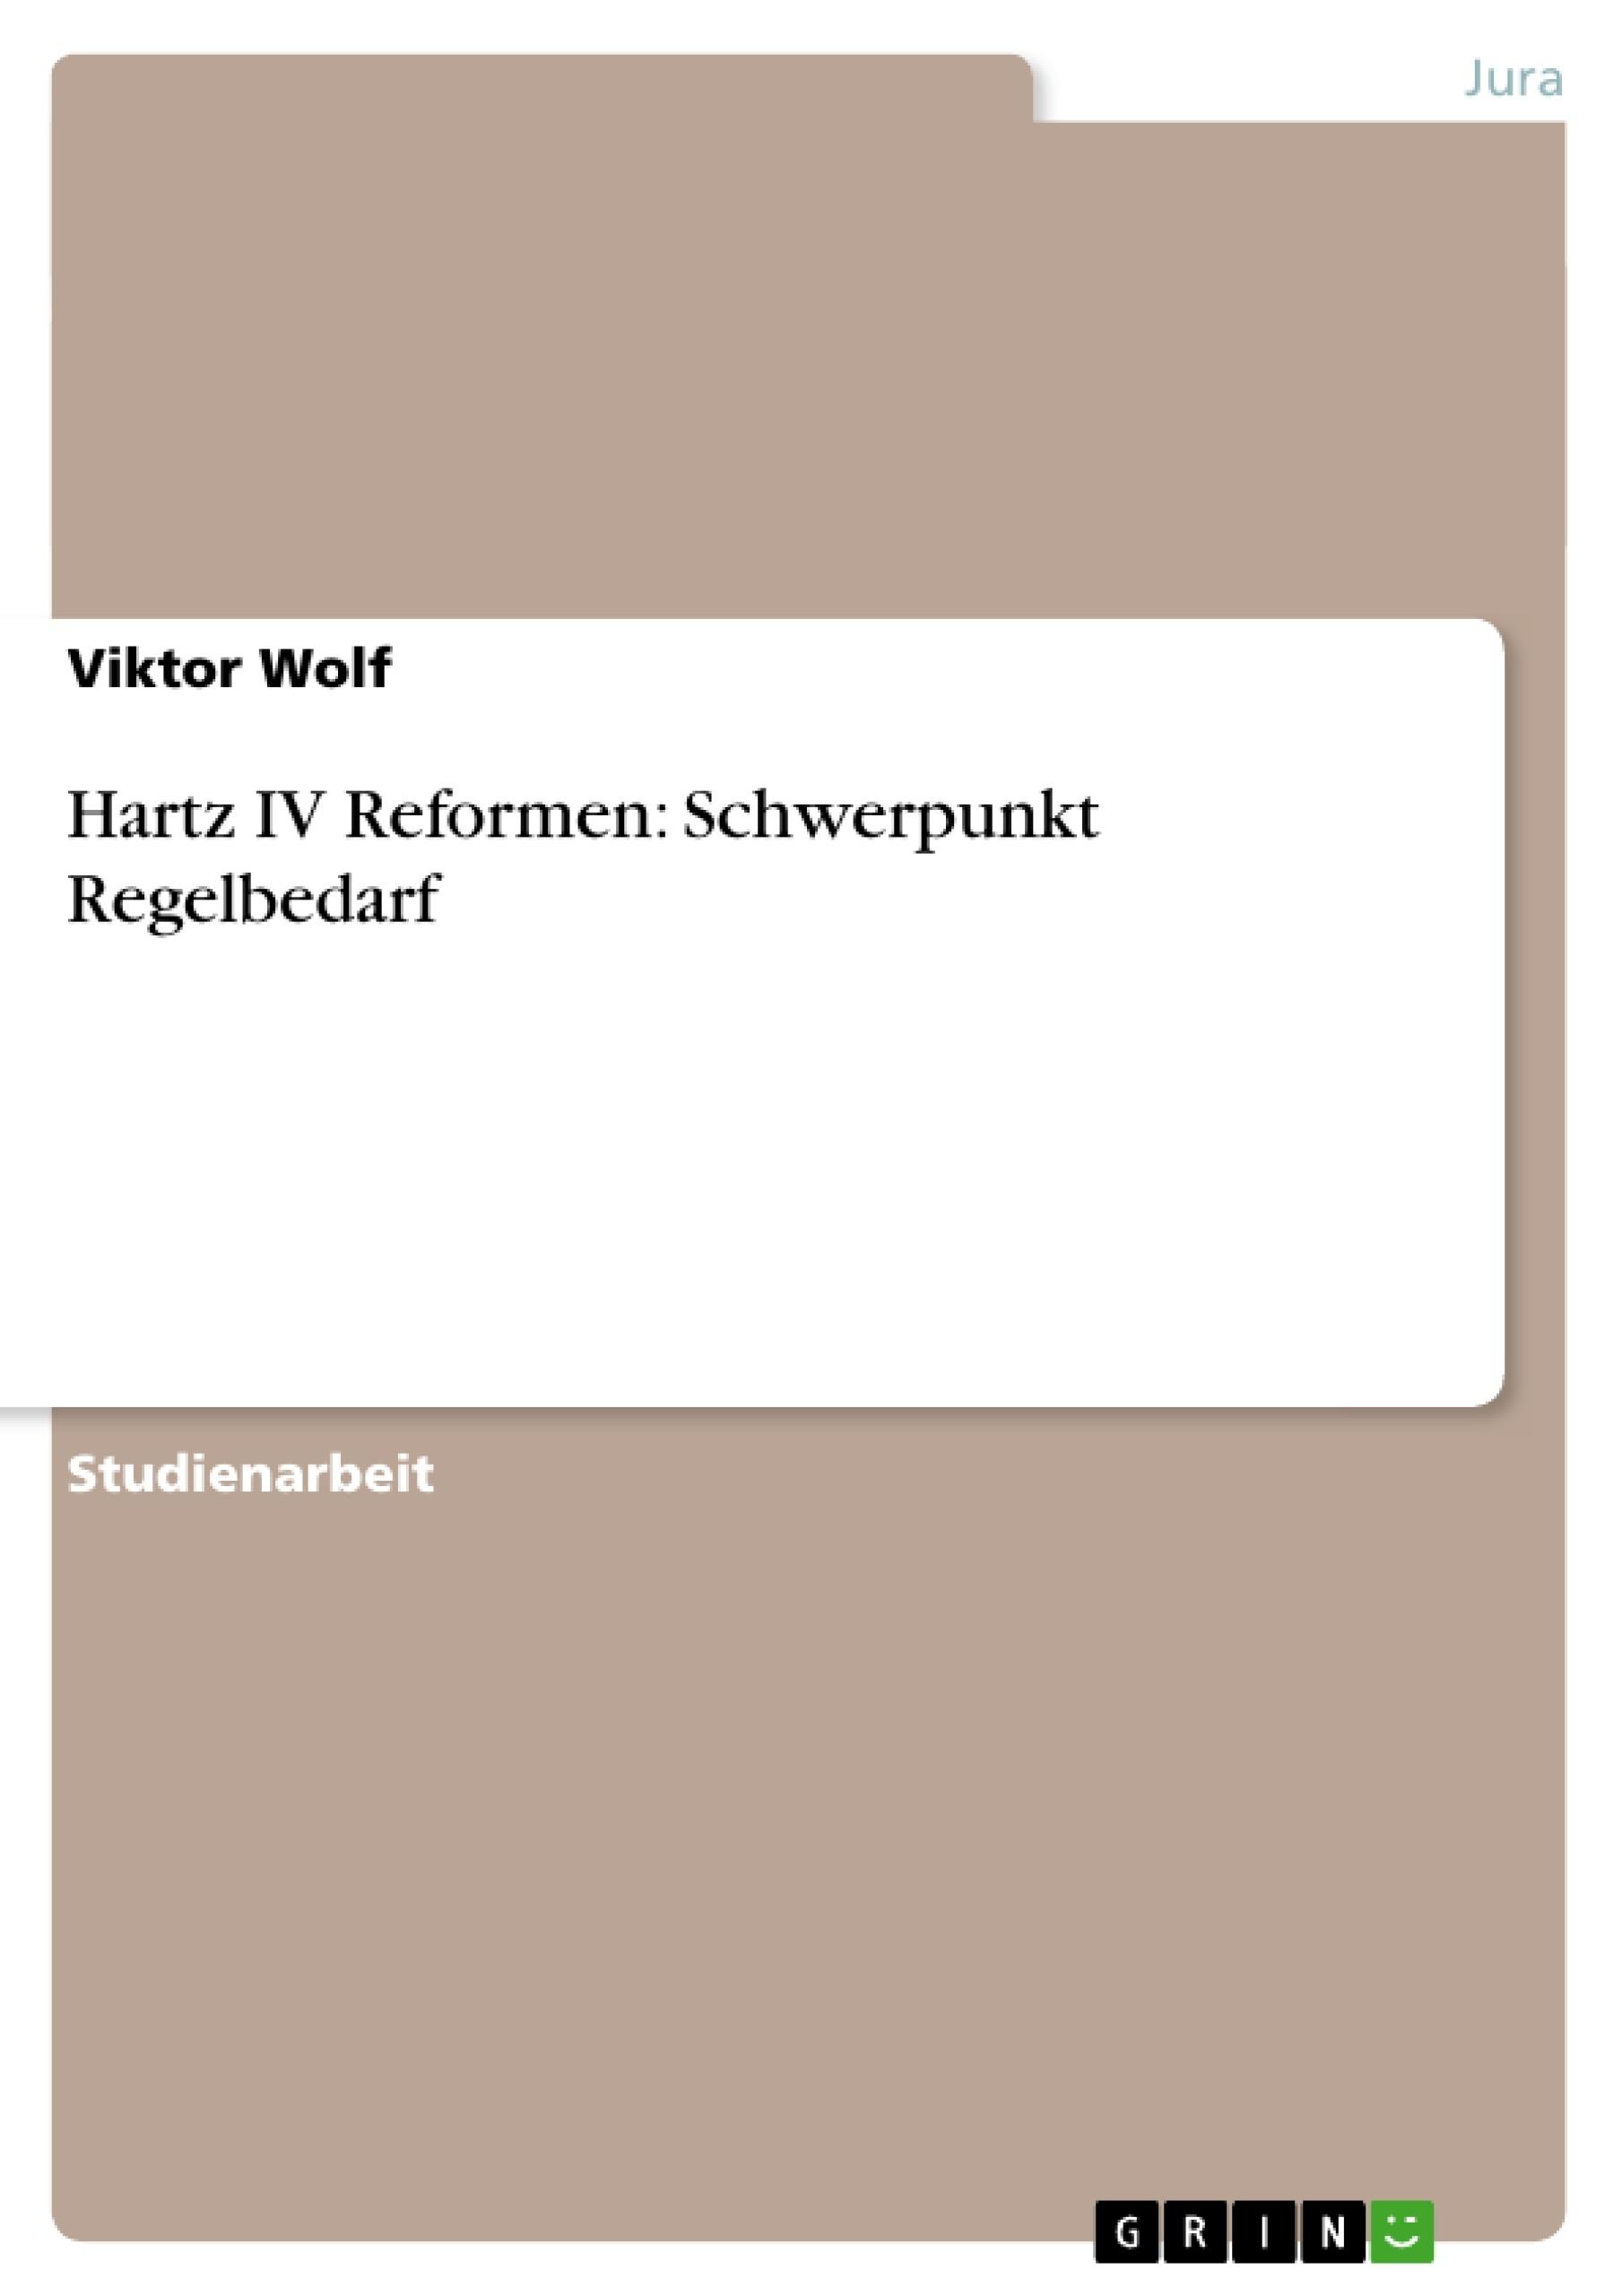 Titel: Hartz IV Reformen: Schwerpunkt Regelbedarf